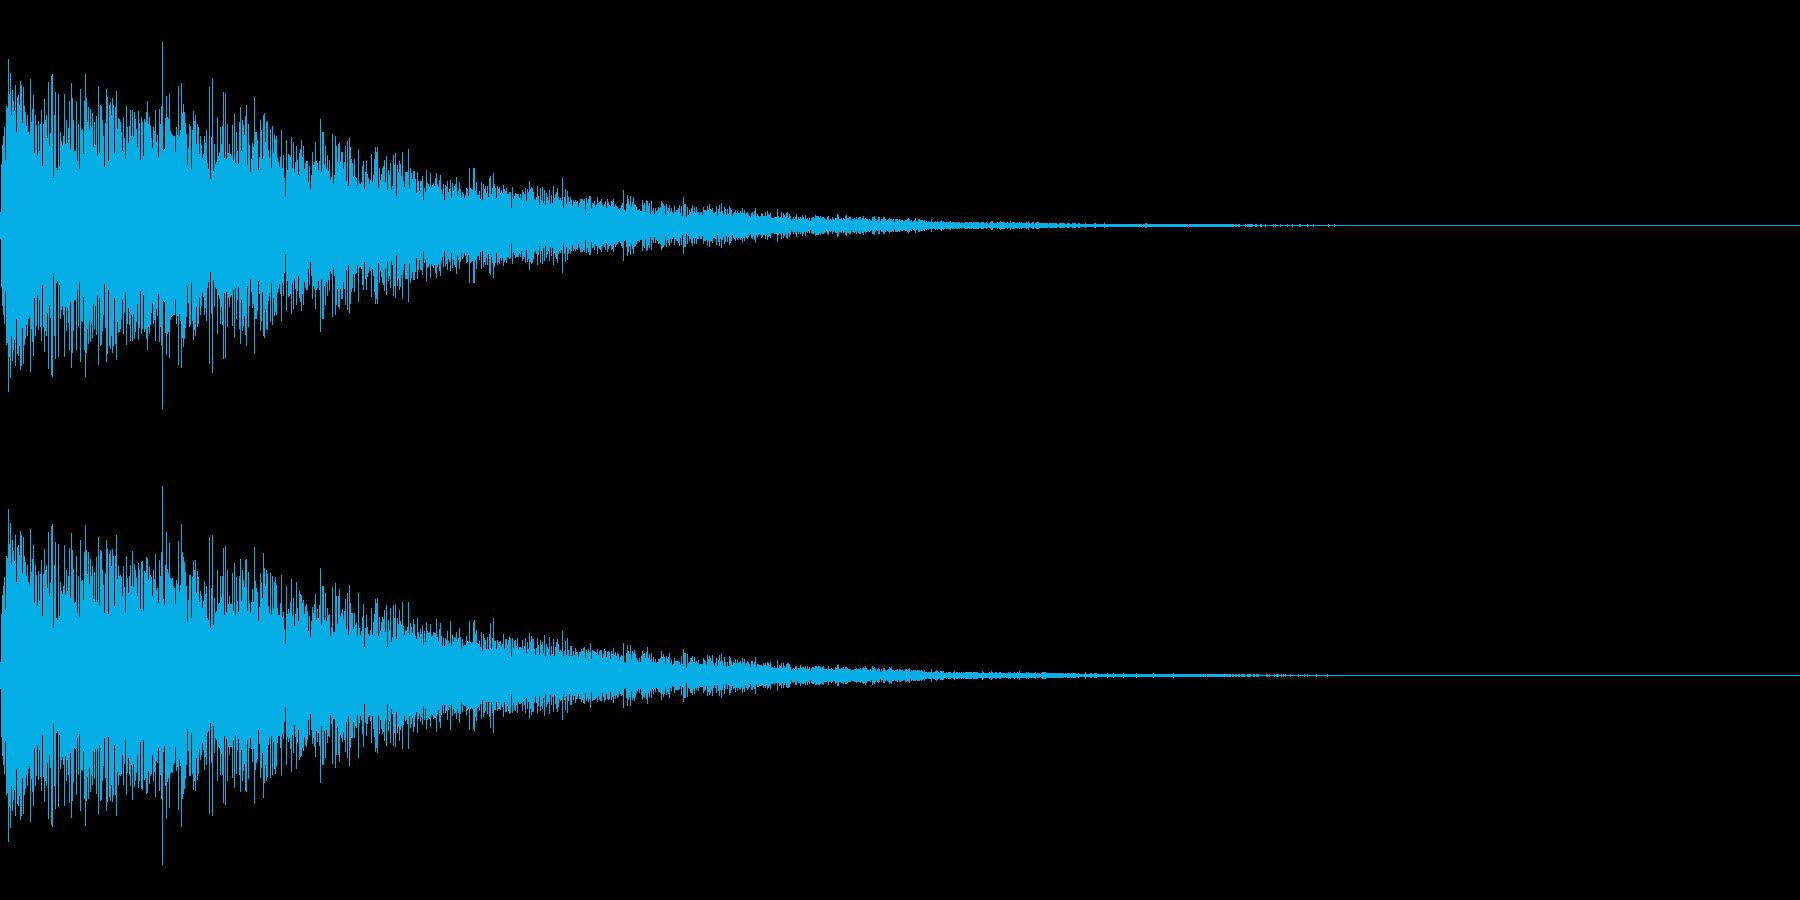 パワーアップ上昇音 シュワーンの再生済みの波形